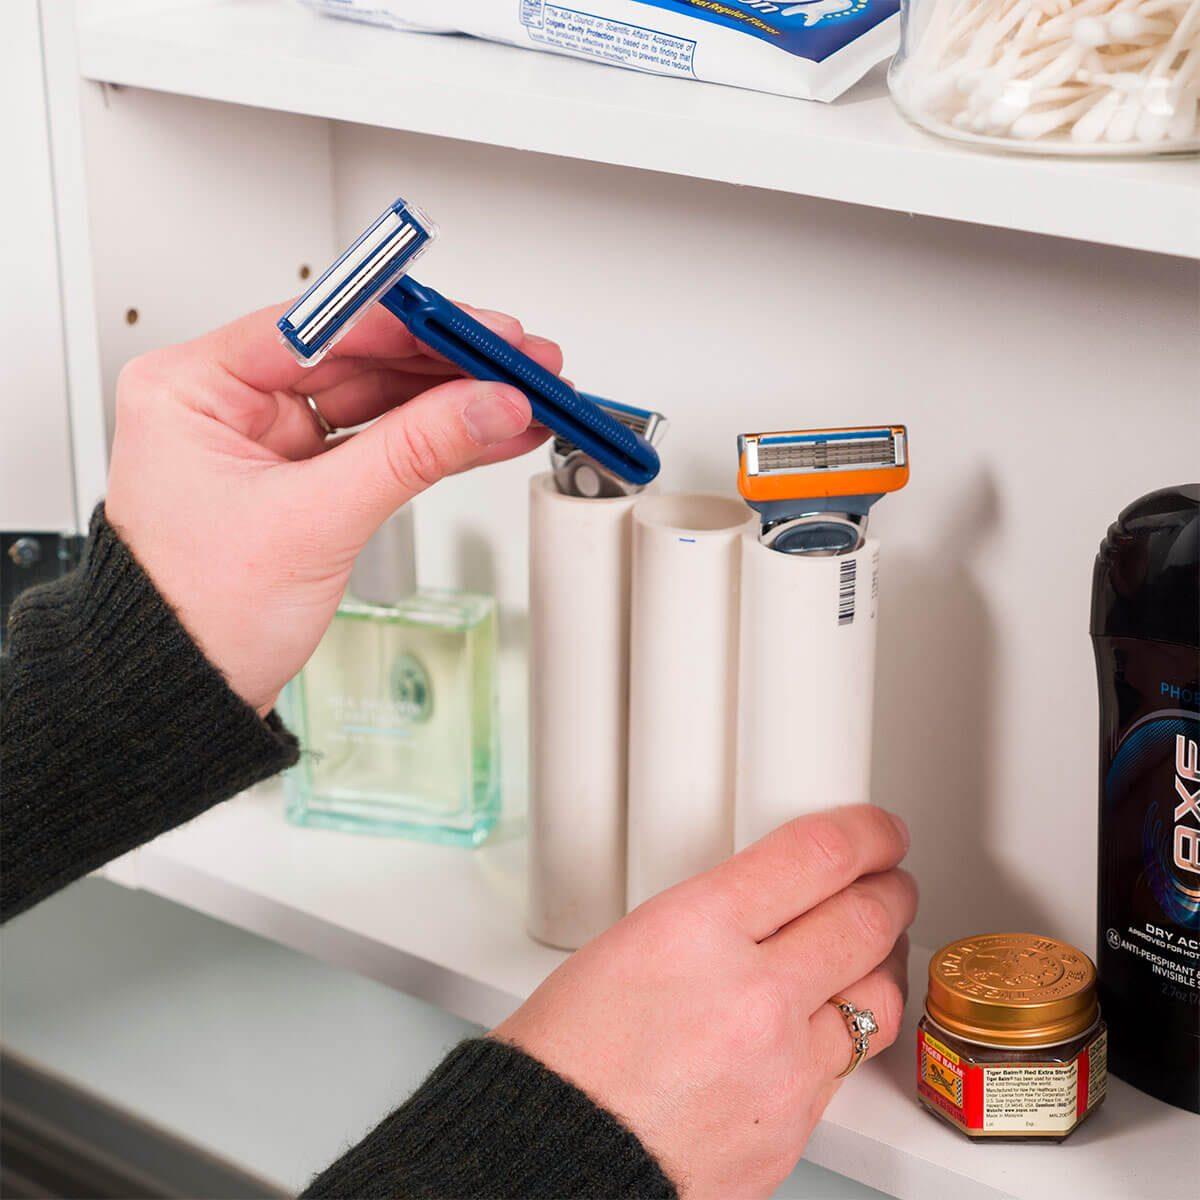 PVC razor organizer